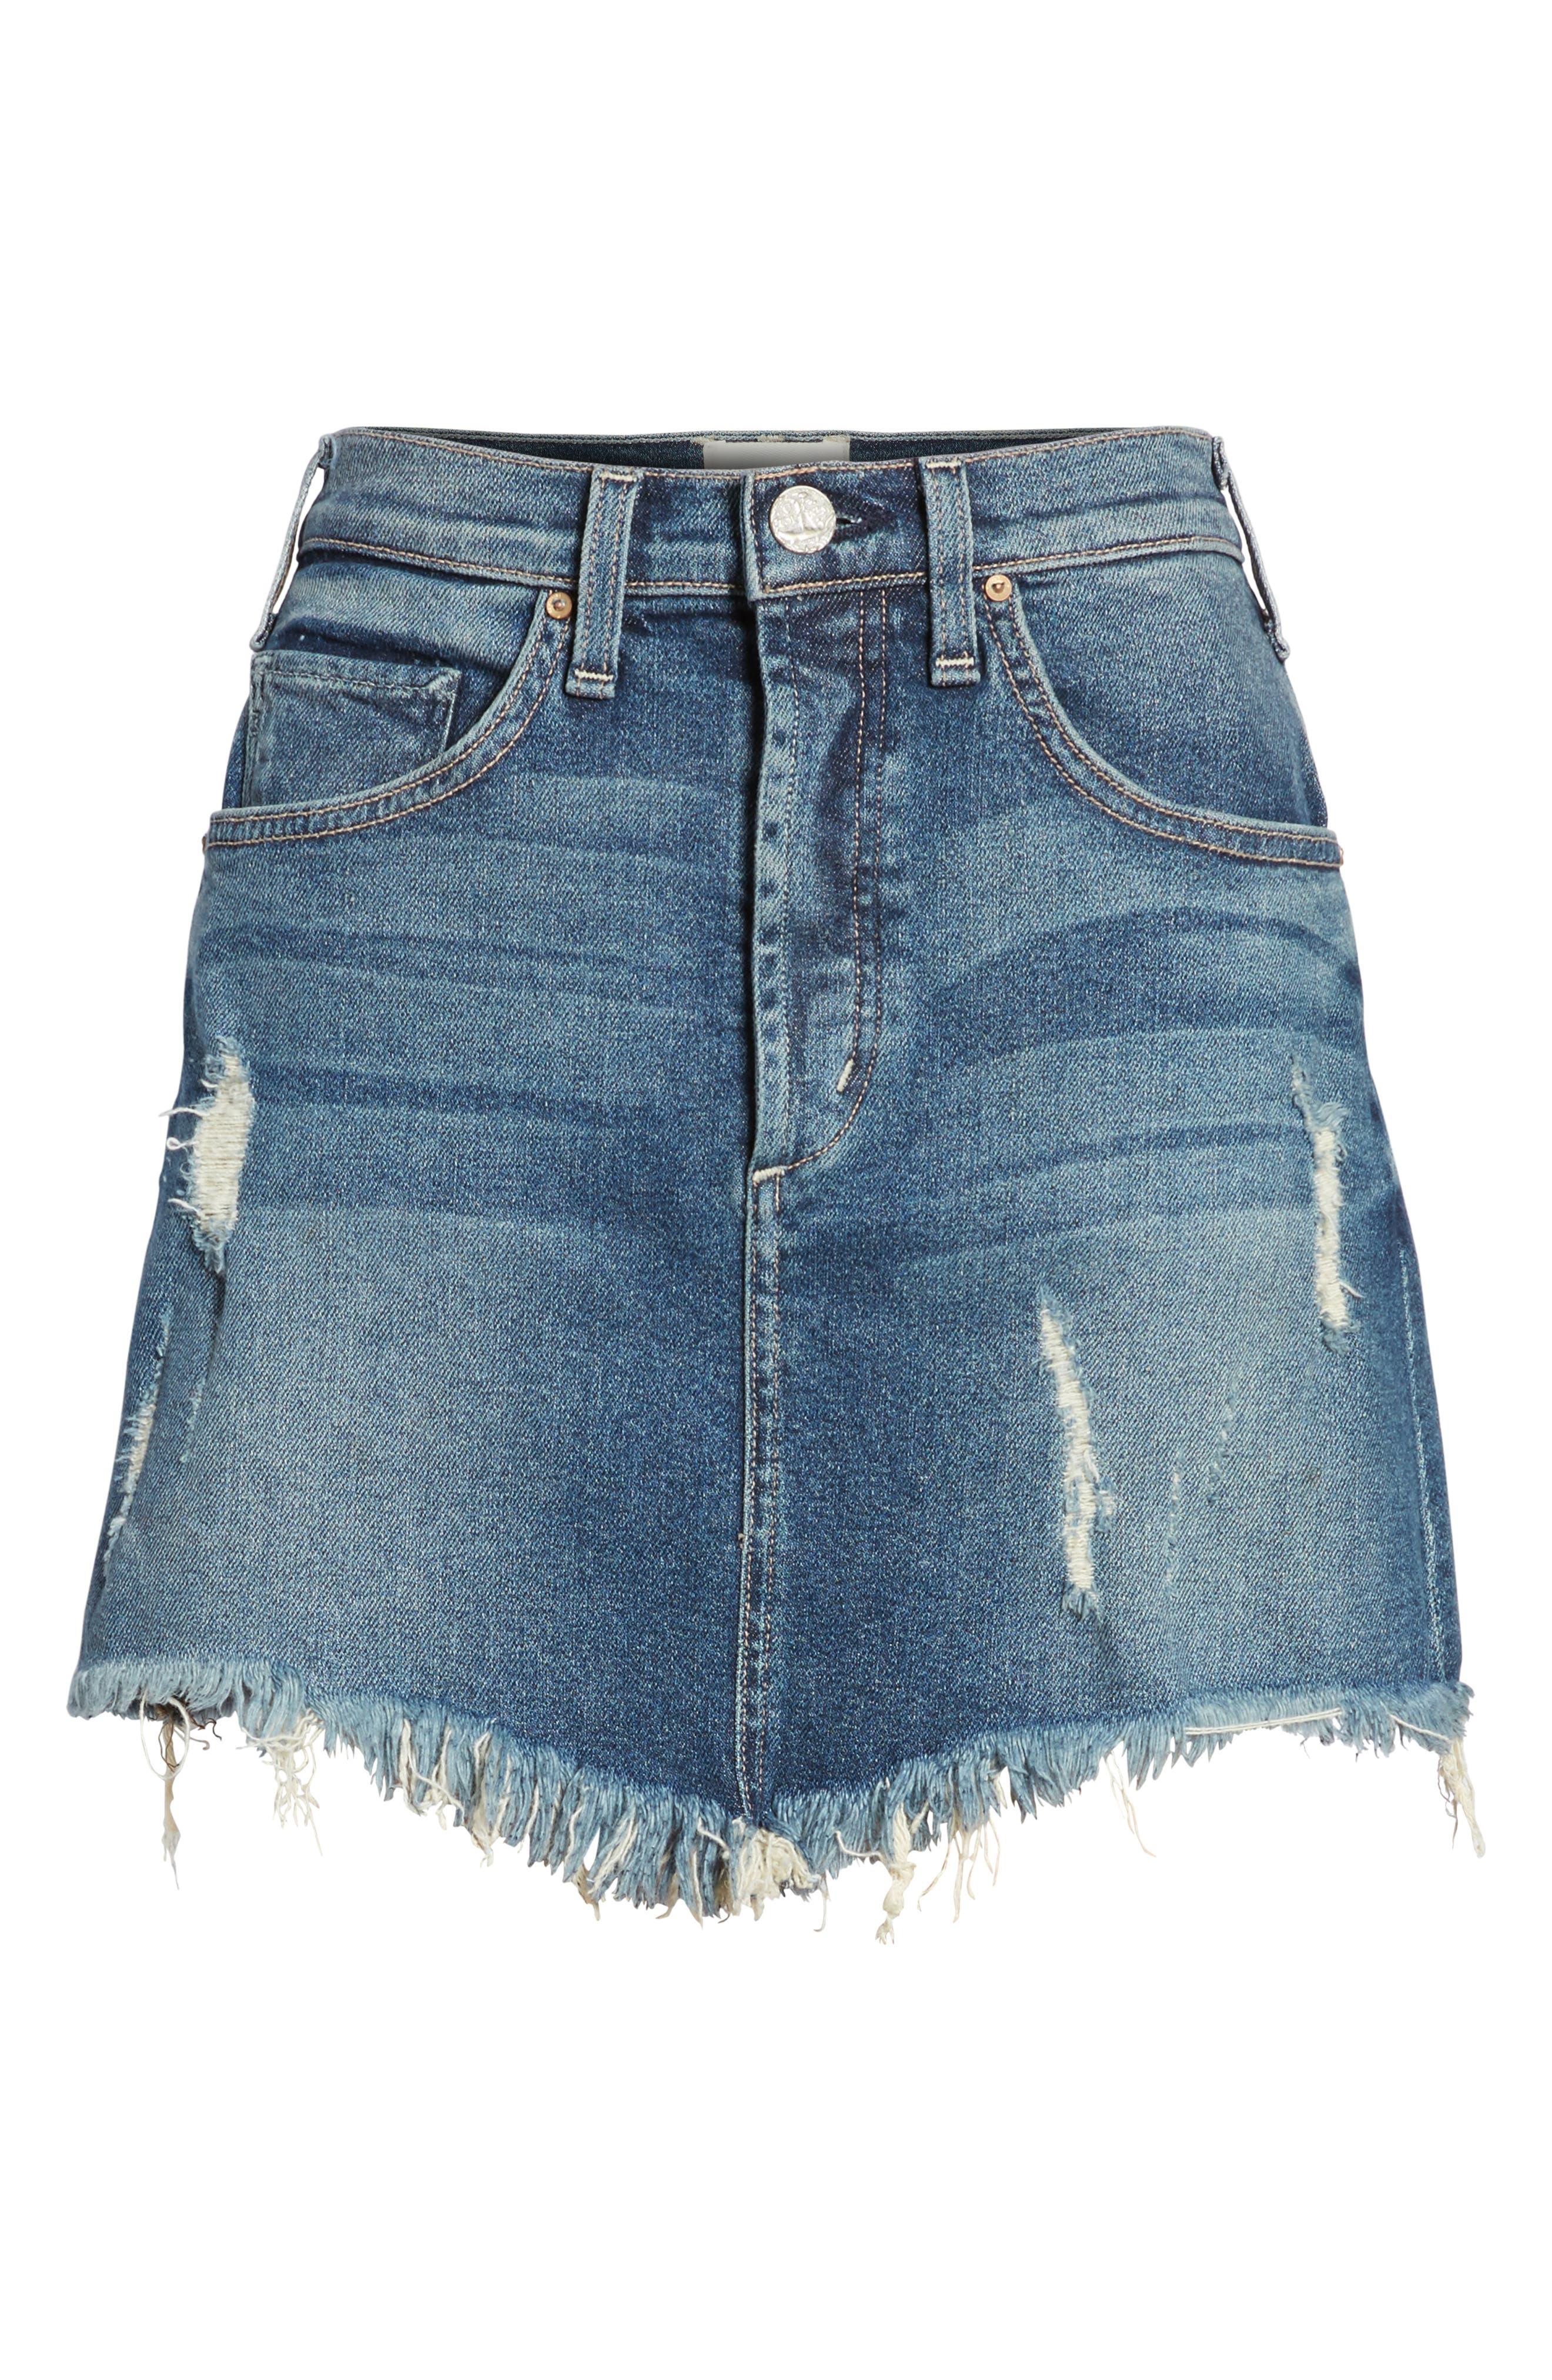 Izabel Angled Hem Denim Skirt,                             Alternate thumbnail 7, color,                             420